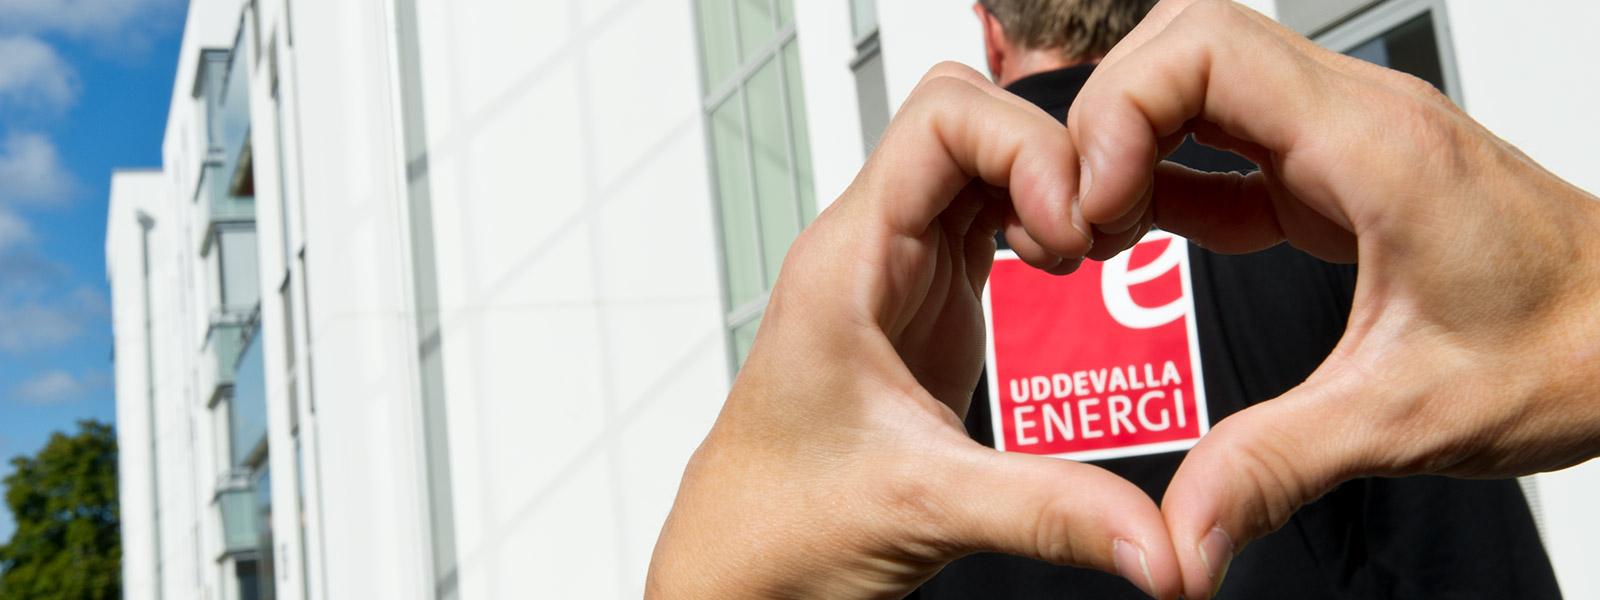 uddevalla energi kontakt